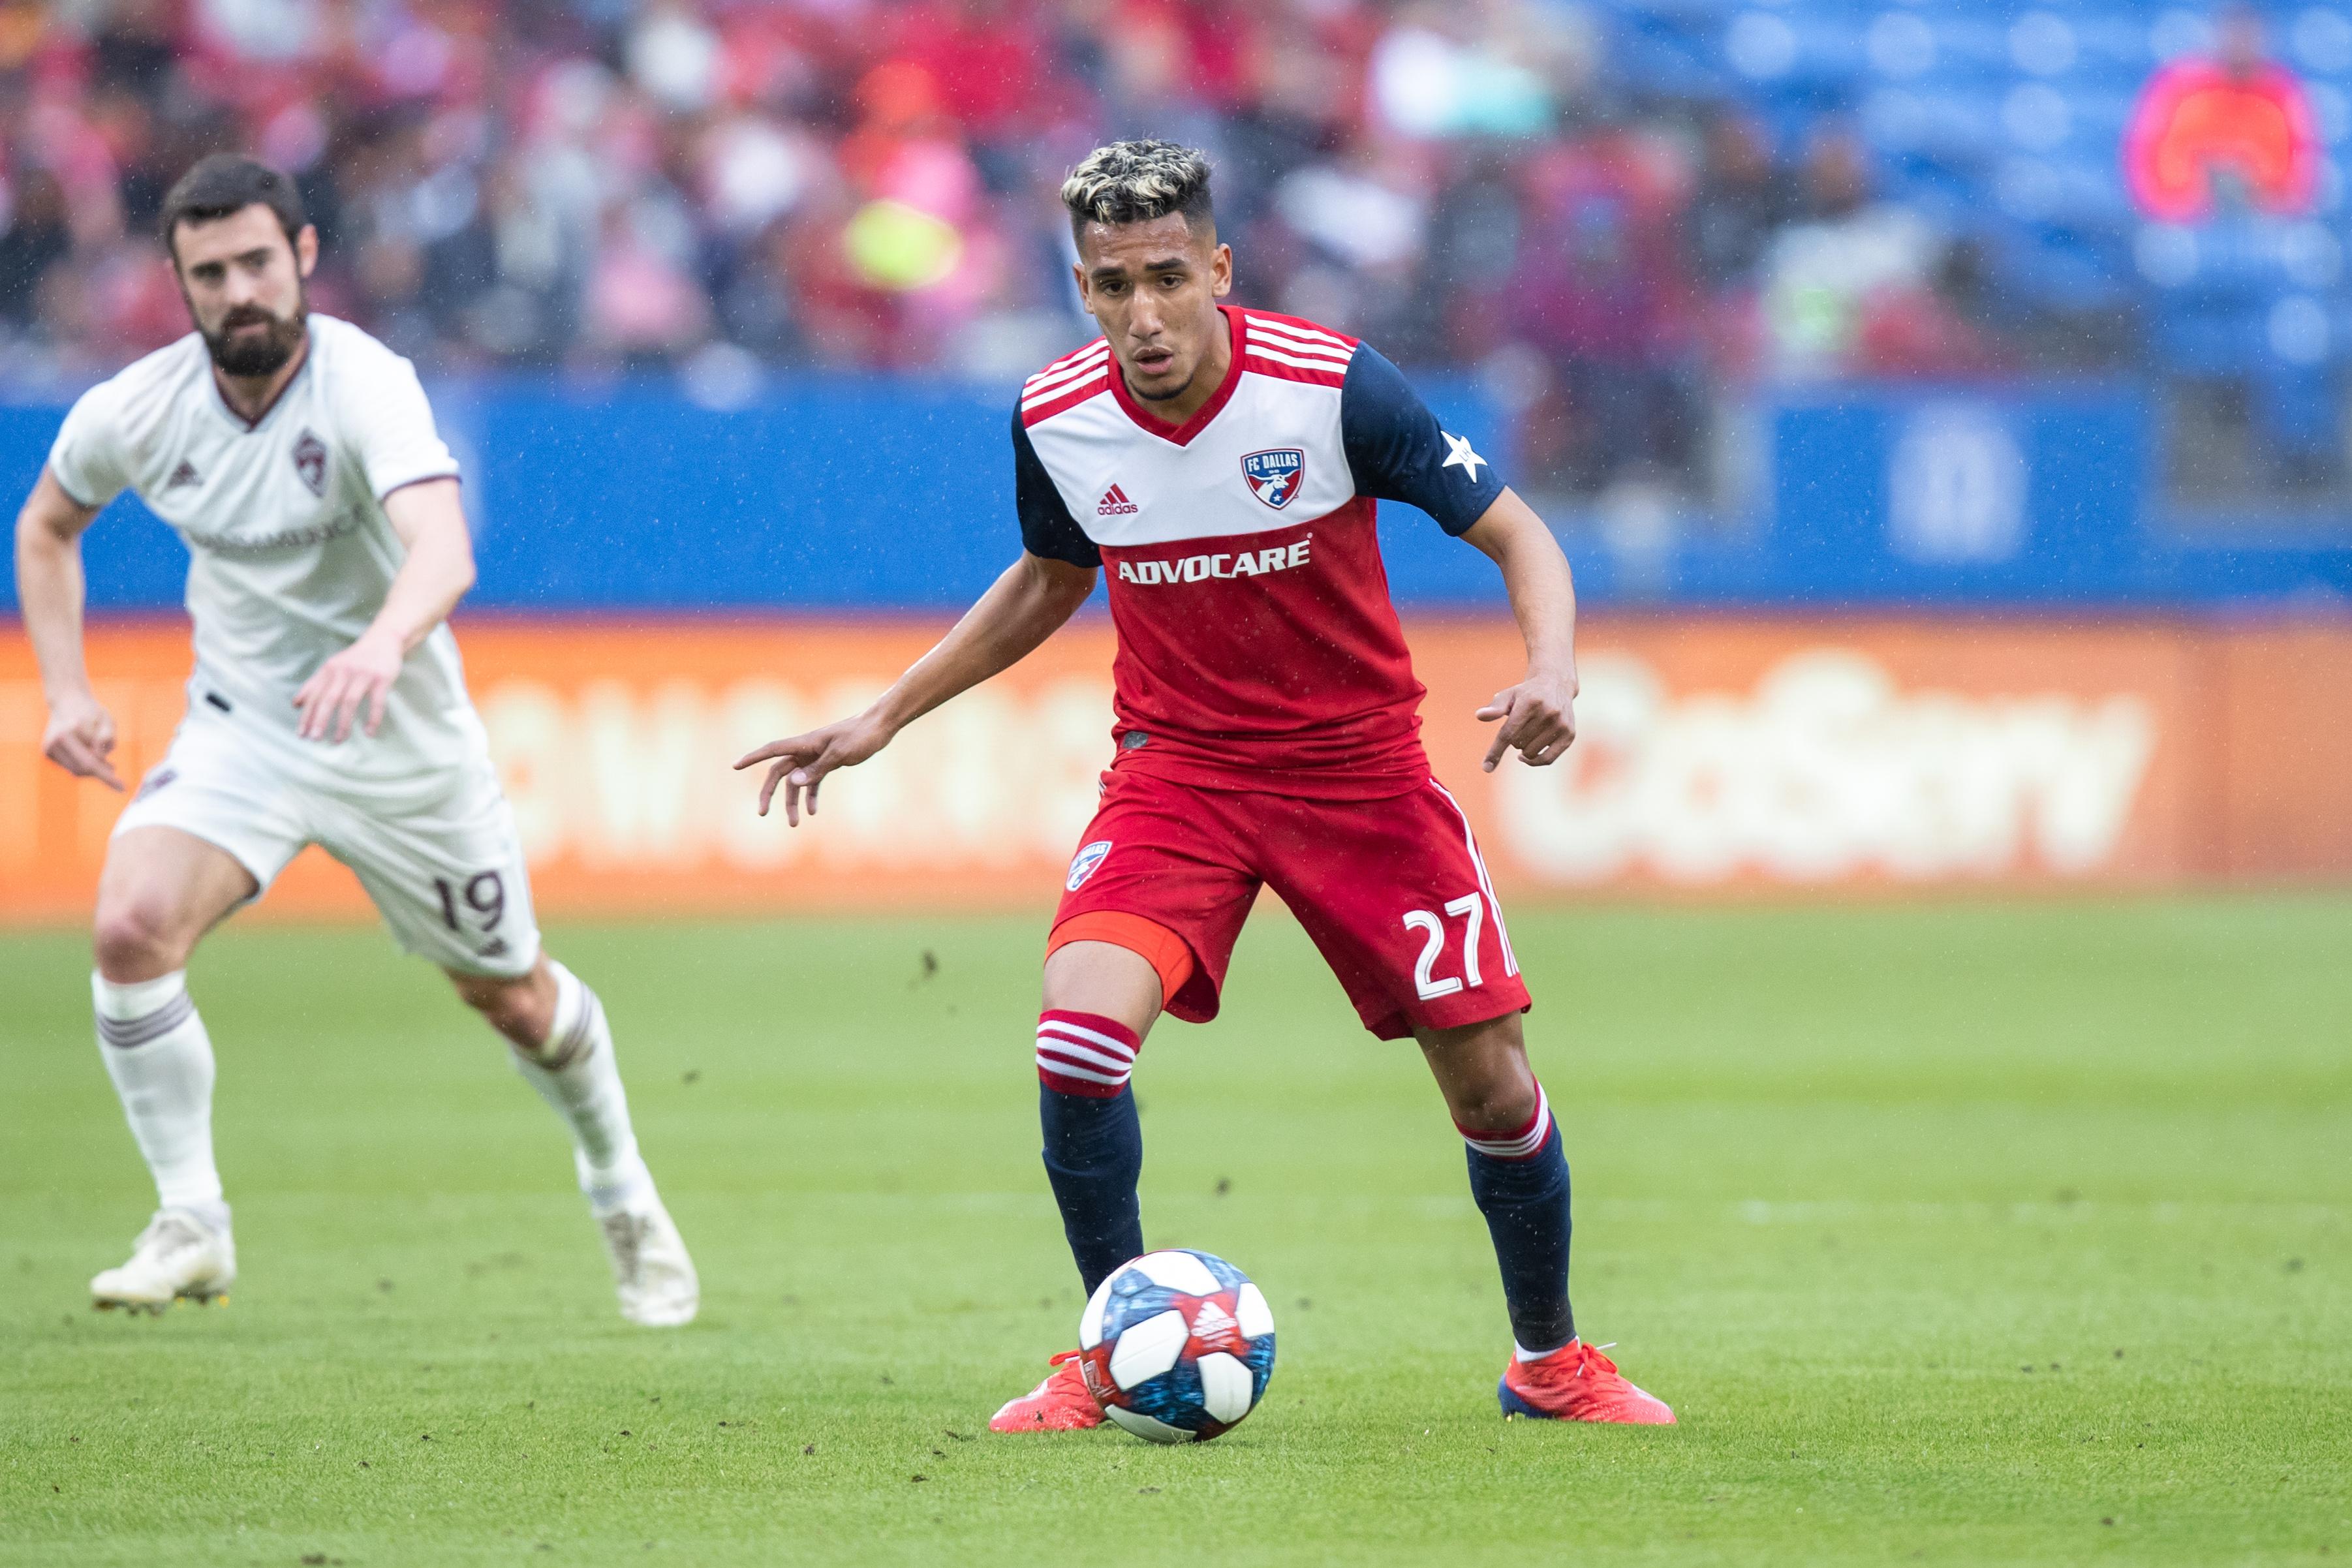 SOCCER: MAR 23 MLS - Colorado Rapids at FC Dallas